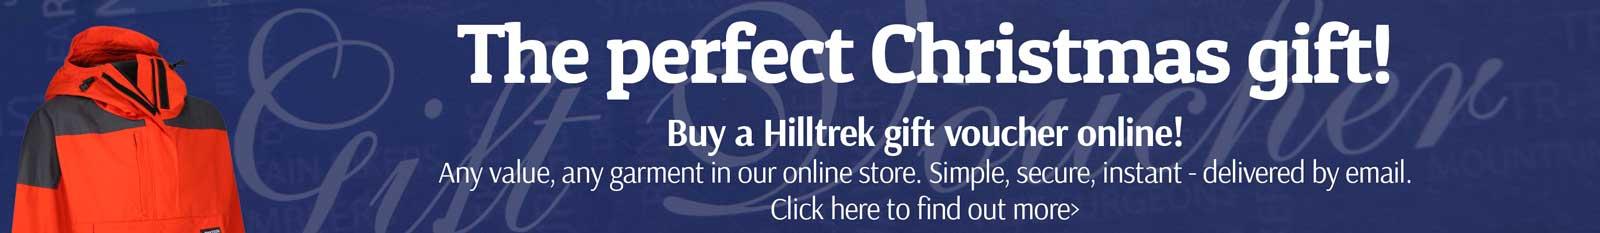 The perfect Christmas gift - a Hilltrek Gift Voucher - buy online